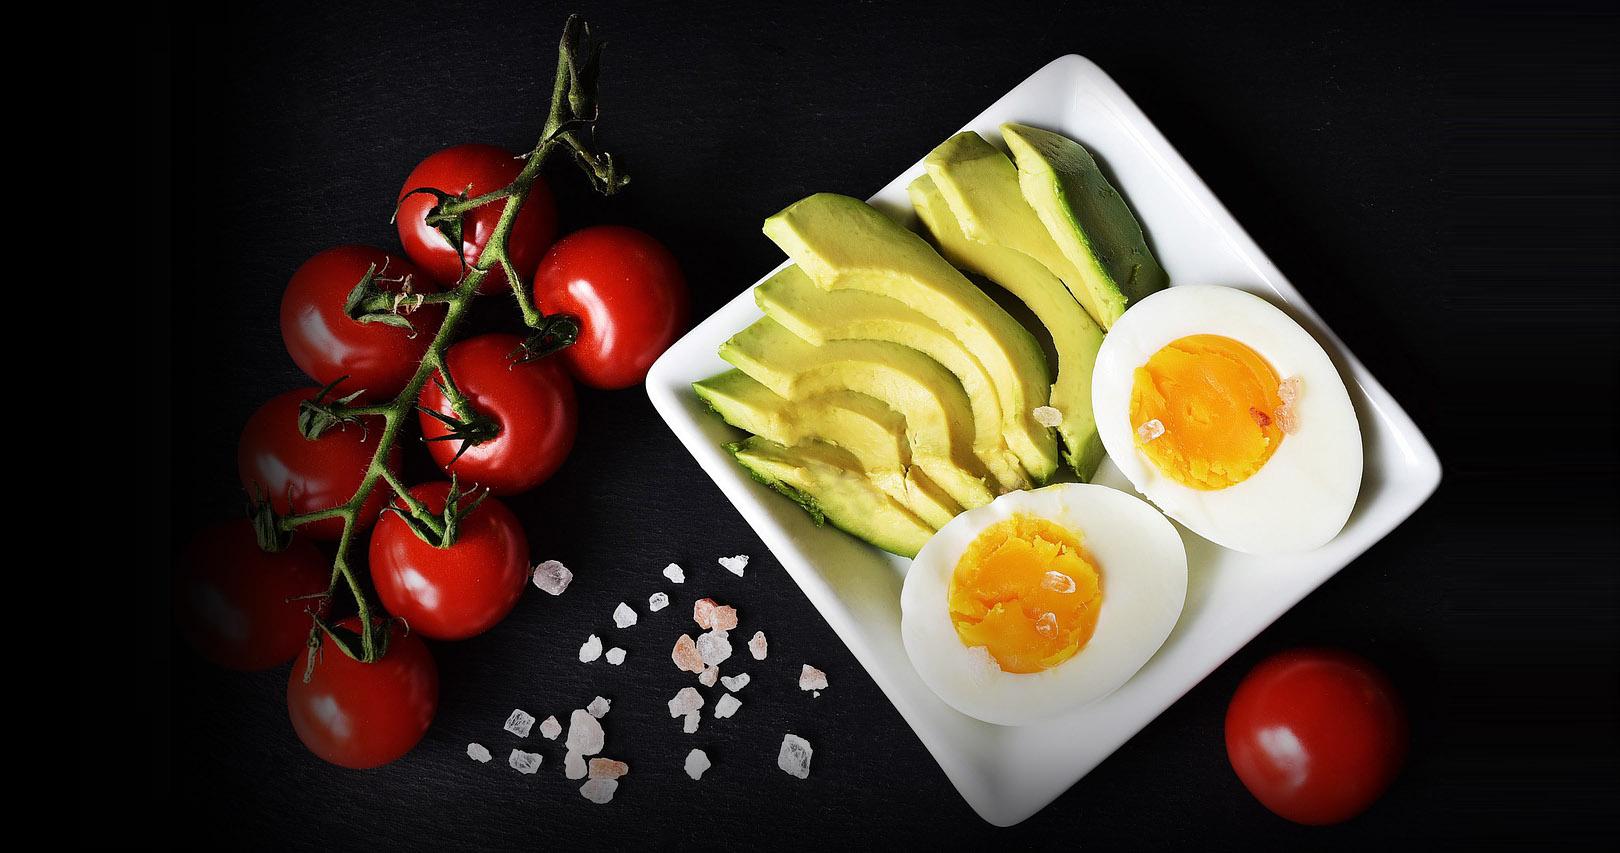 الكيتو دايت: 10 أسئلة تشرح لك حمية اللحوم – إضاءات